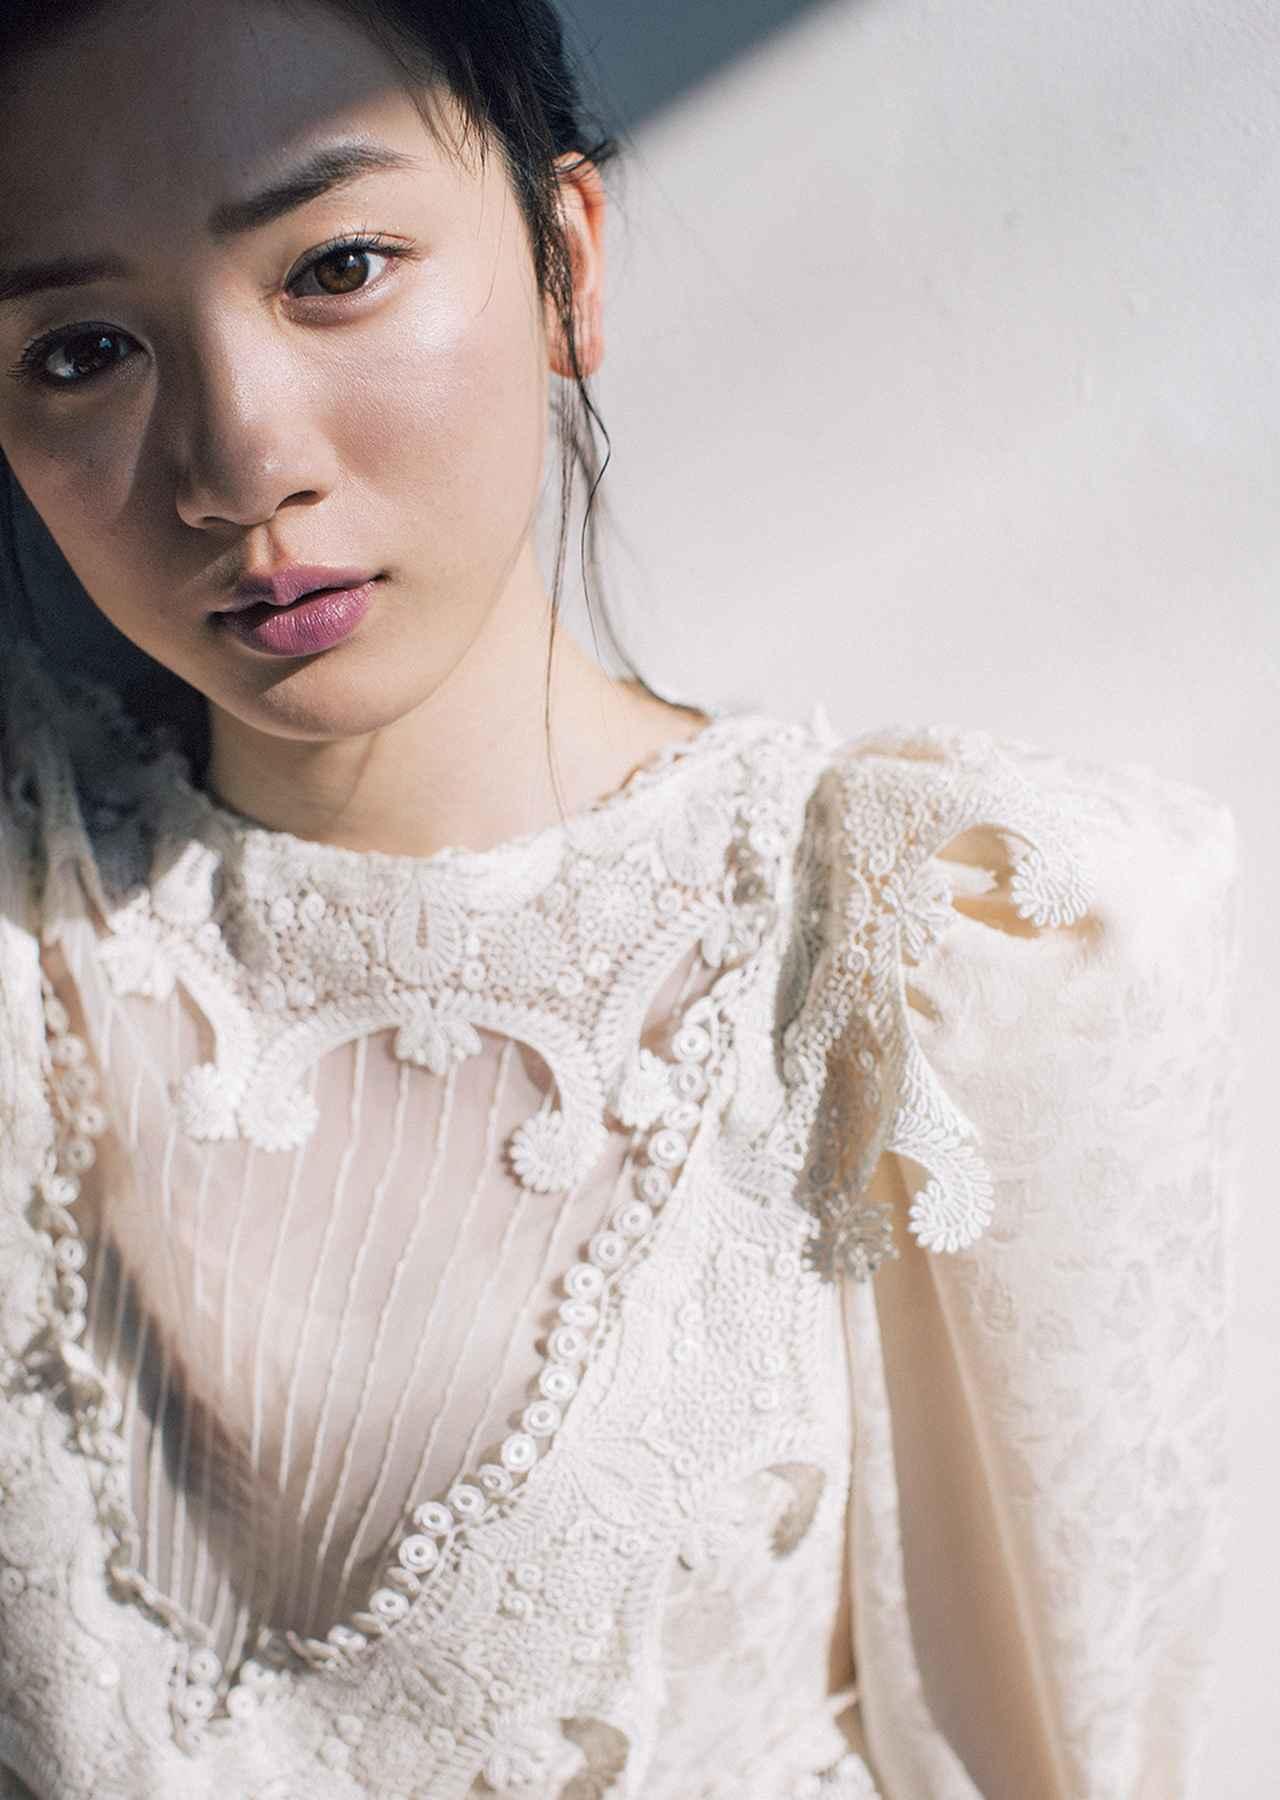 1番目の画像 半分 おとな 新 朝ドラヒロイン 永野芽郁の素顔